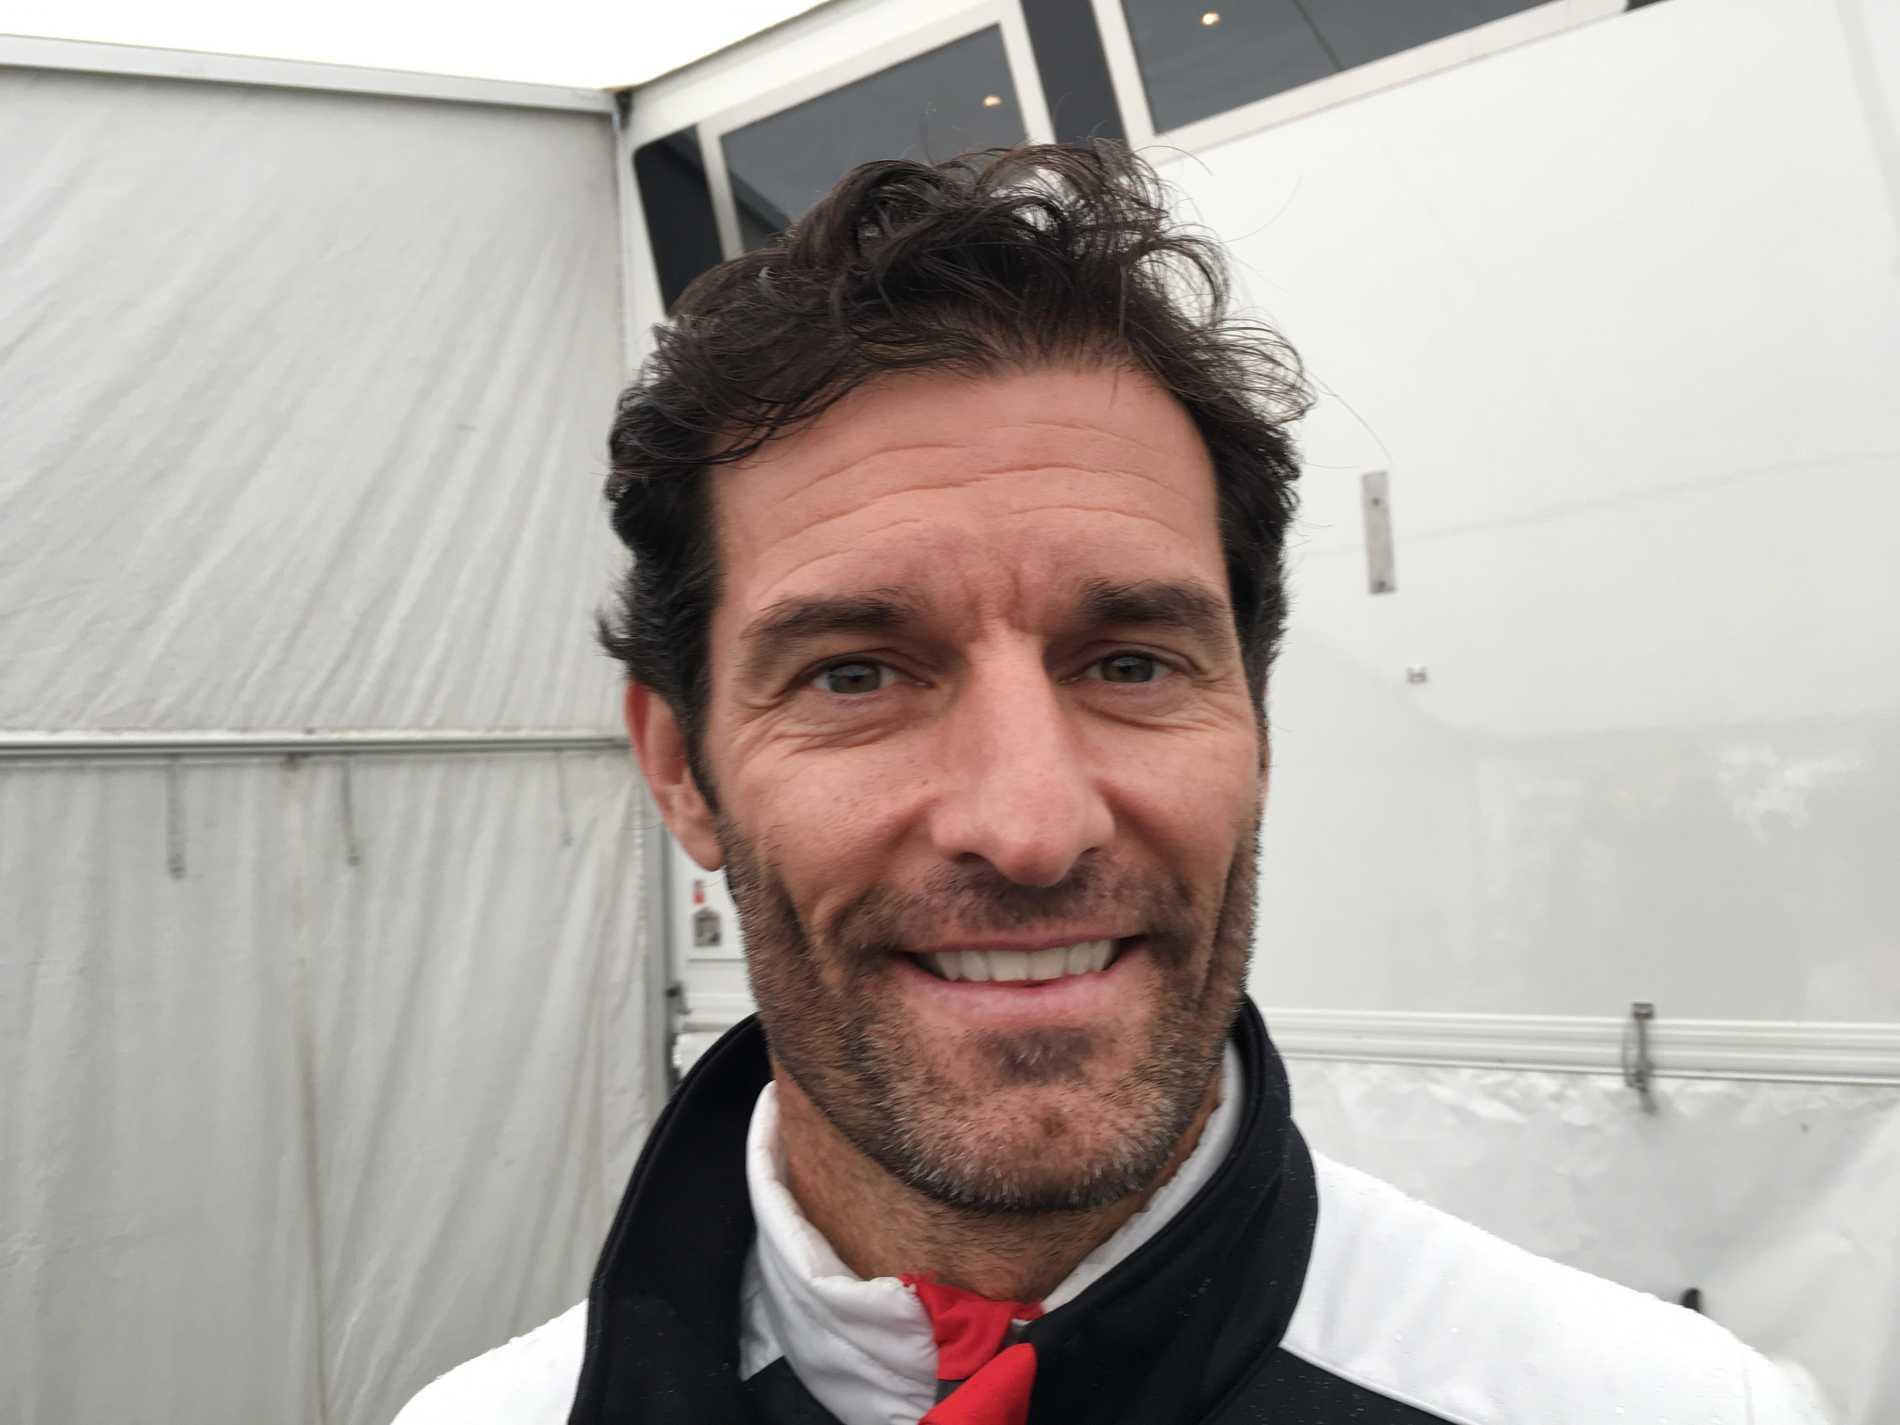 Det är fina tävlingar, välorganiserade och sportligt hög klass, säger F1 föraren Mark Webber.